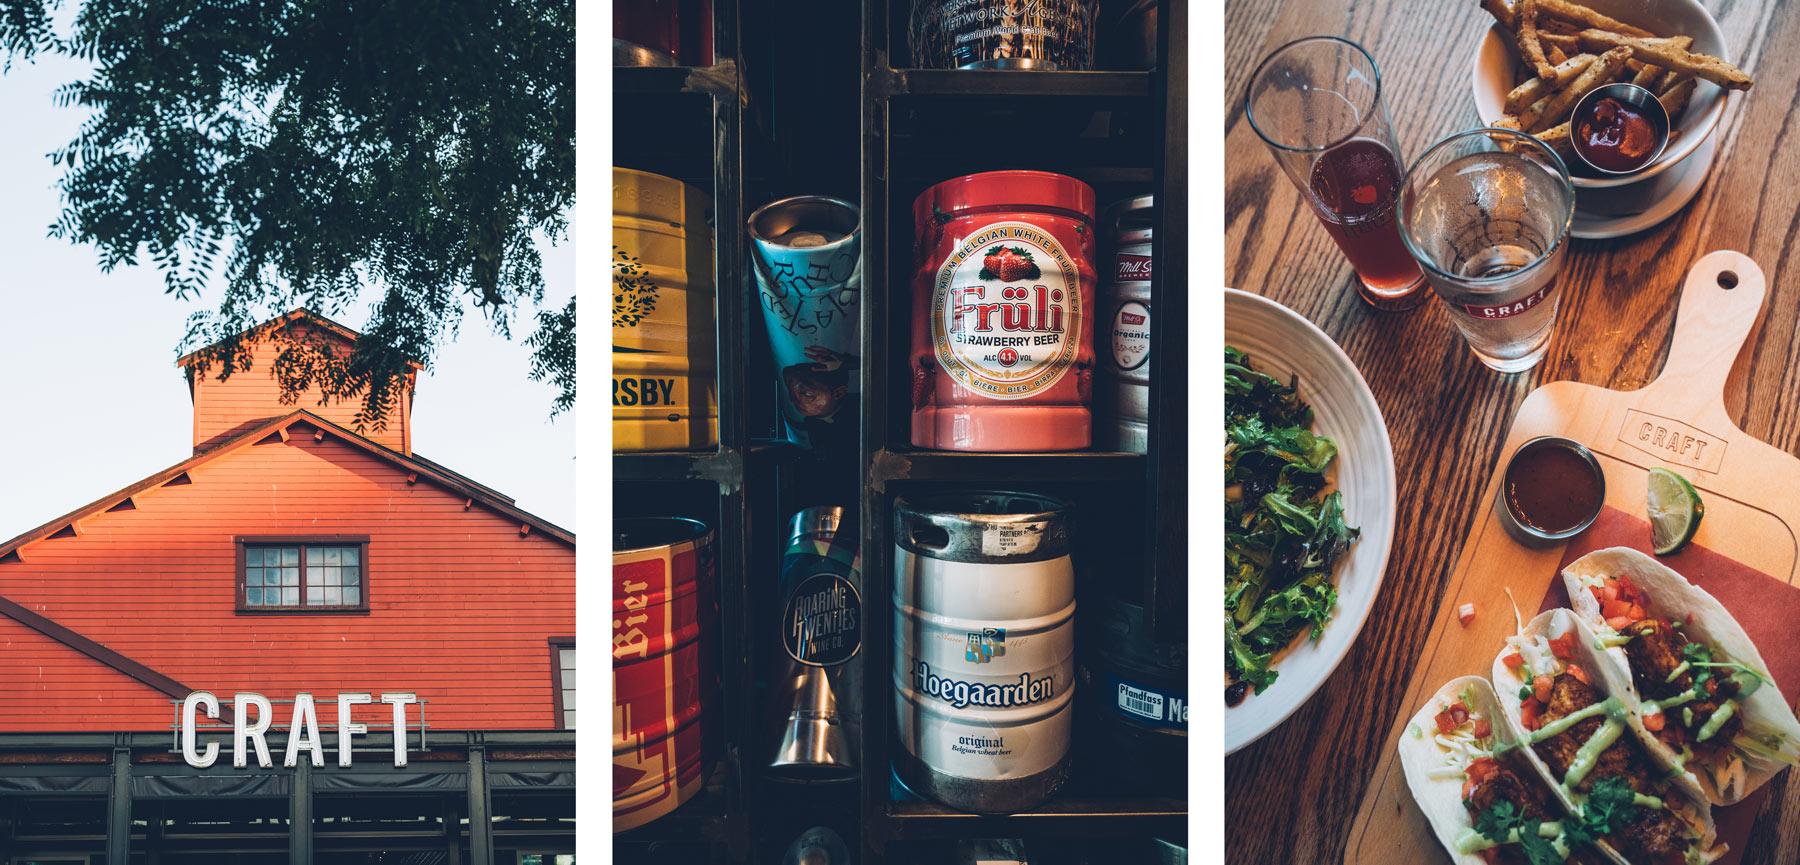 Craft beer Market, Vancouver